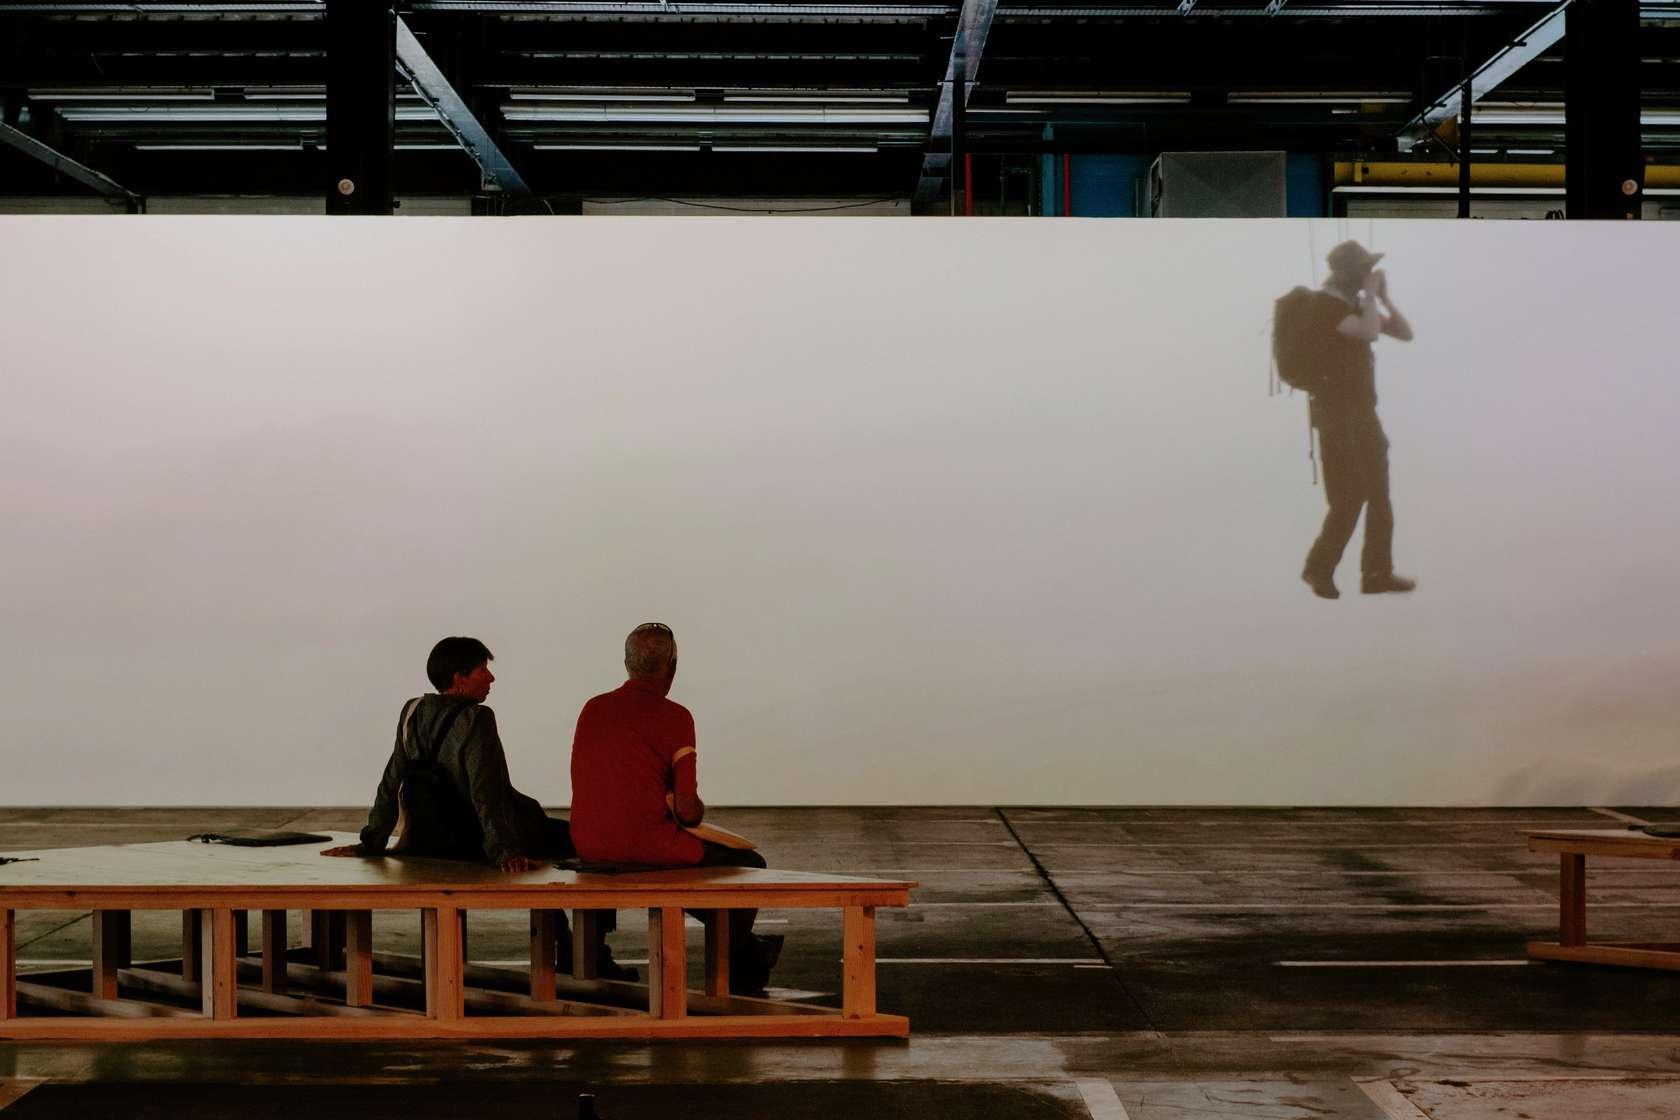 Abraham Poincheval, Walk on clourds, 2019 15e Biennale de Lyon, Usine Fagor, Lyon (FR) 18 septembre 2019 - 5 janvier 2020 © Blaise Adilon